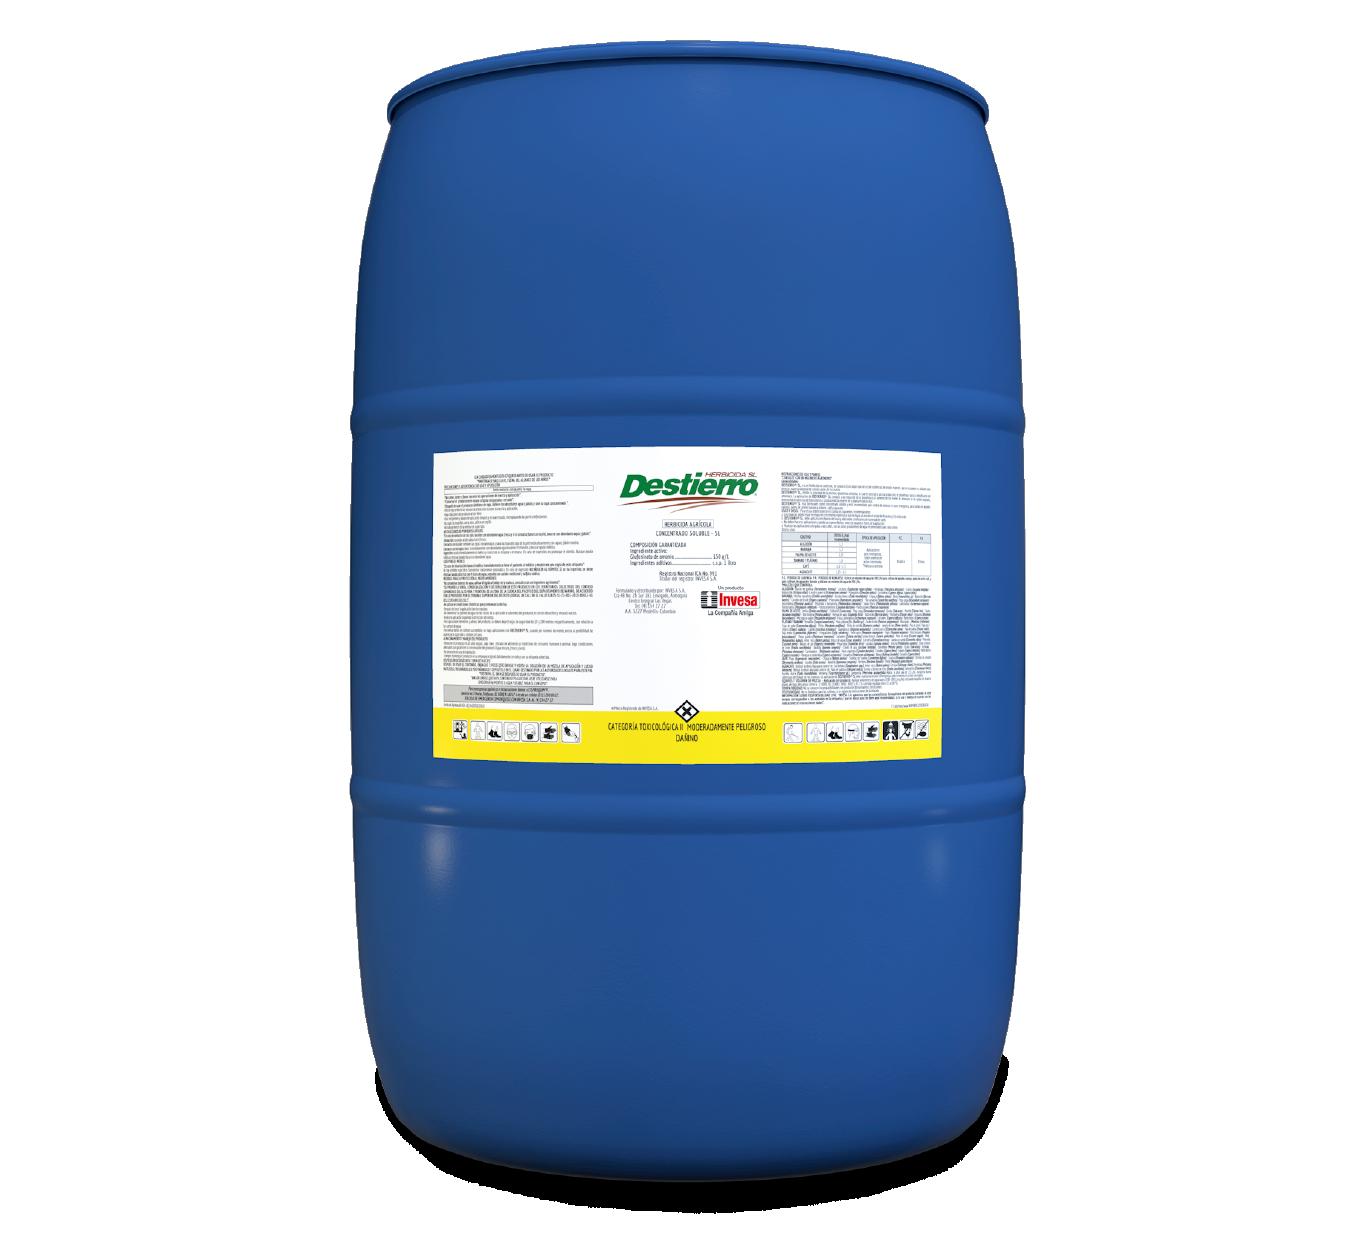 Herbicida destierro 150 invesa 200 litros